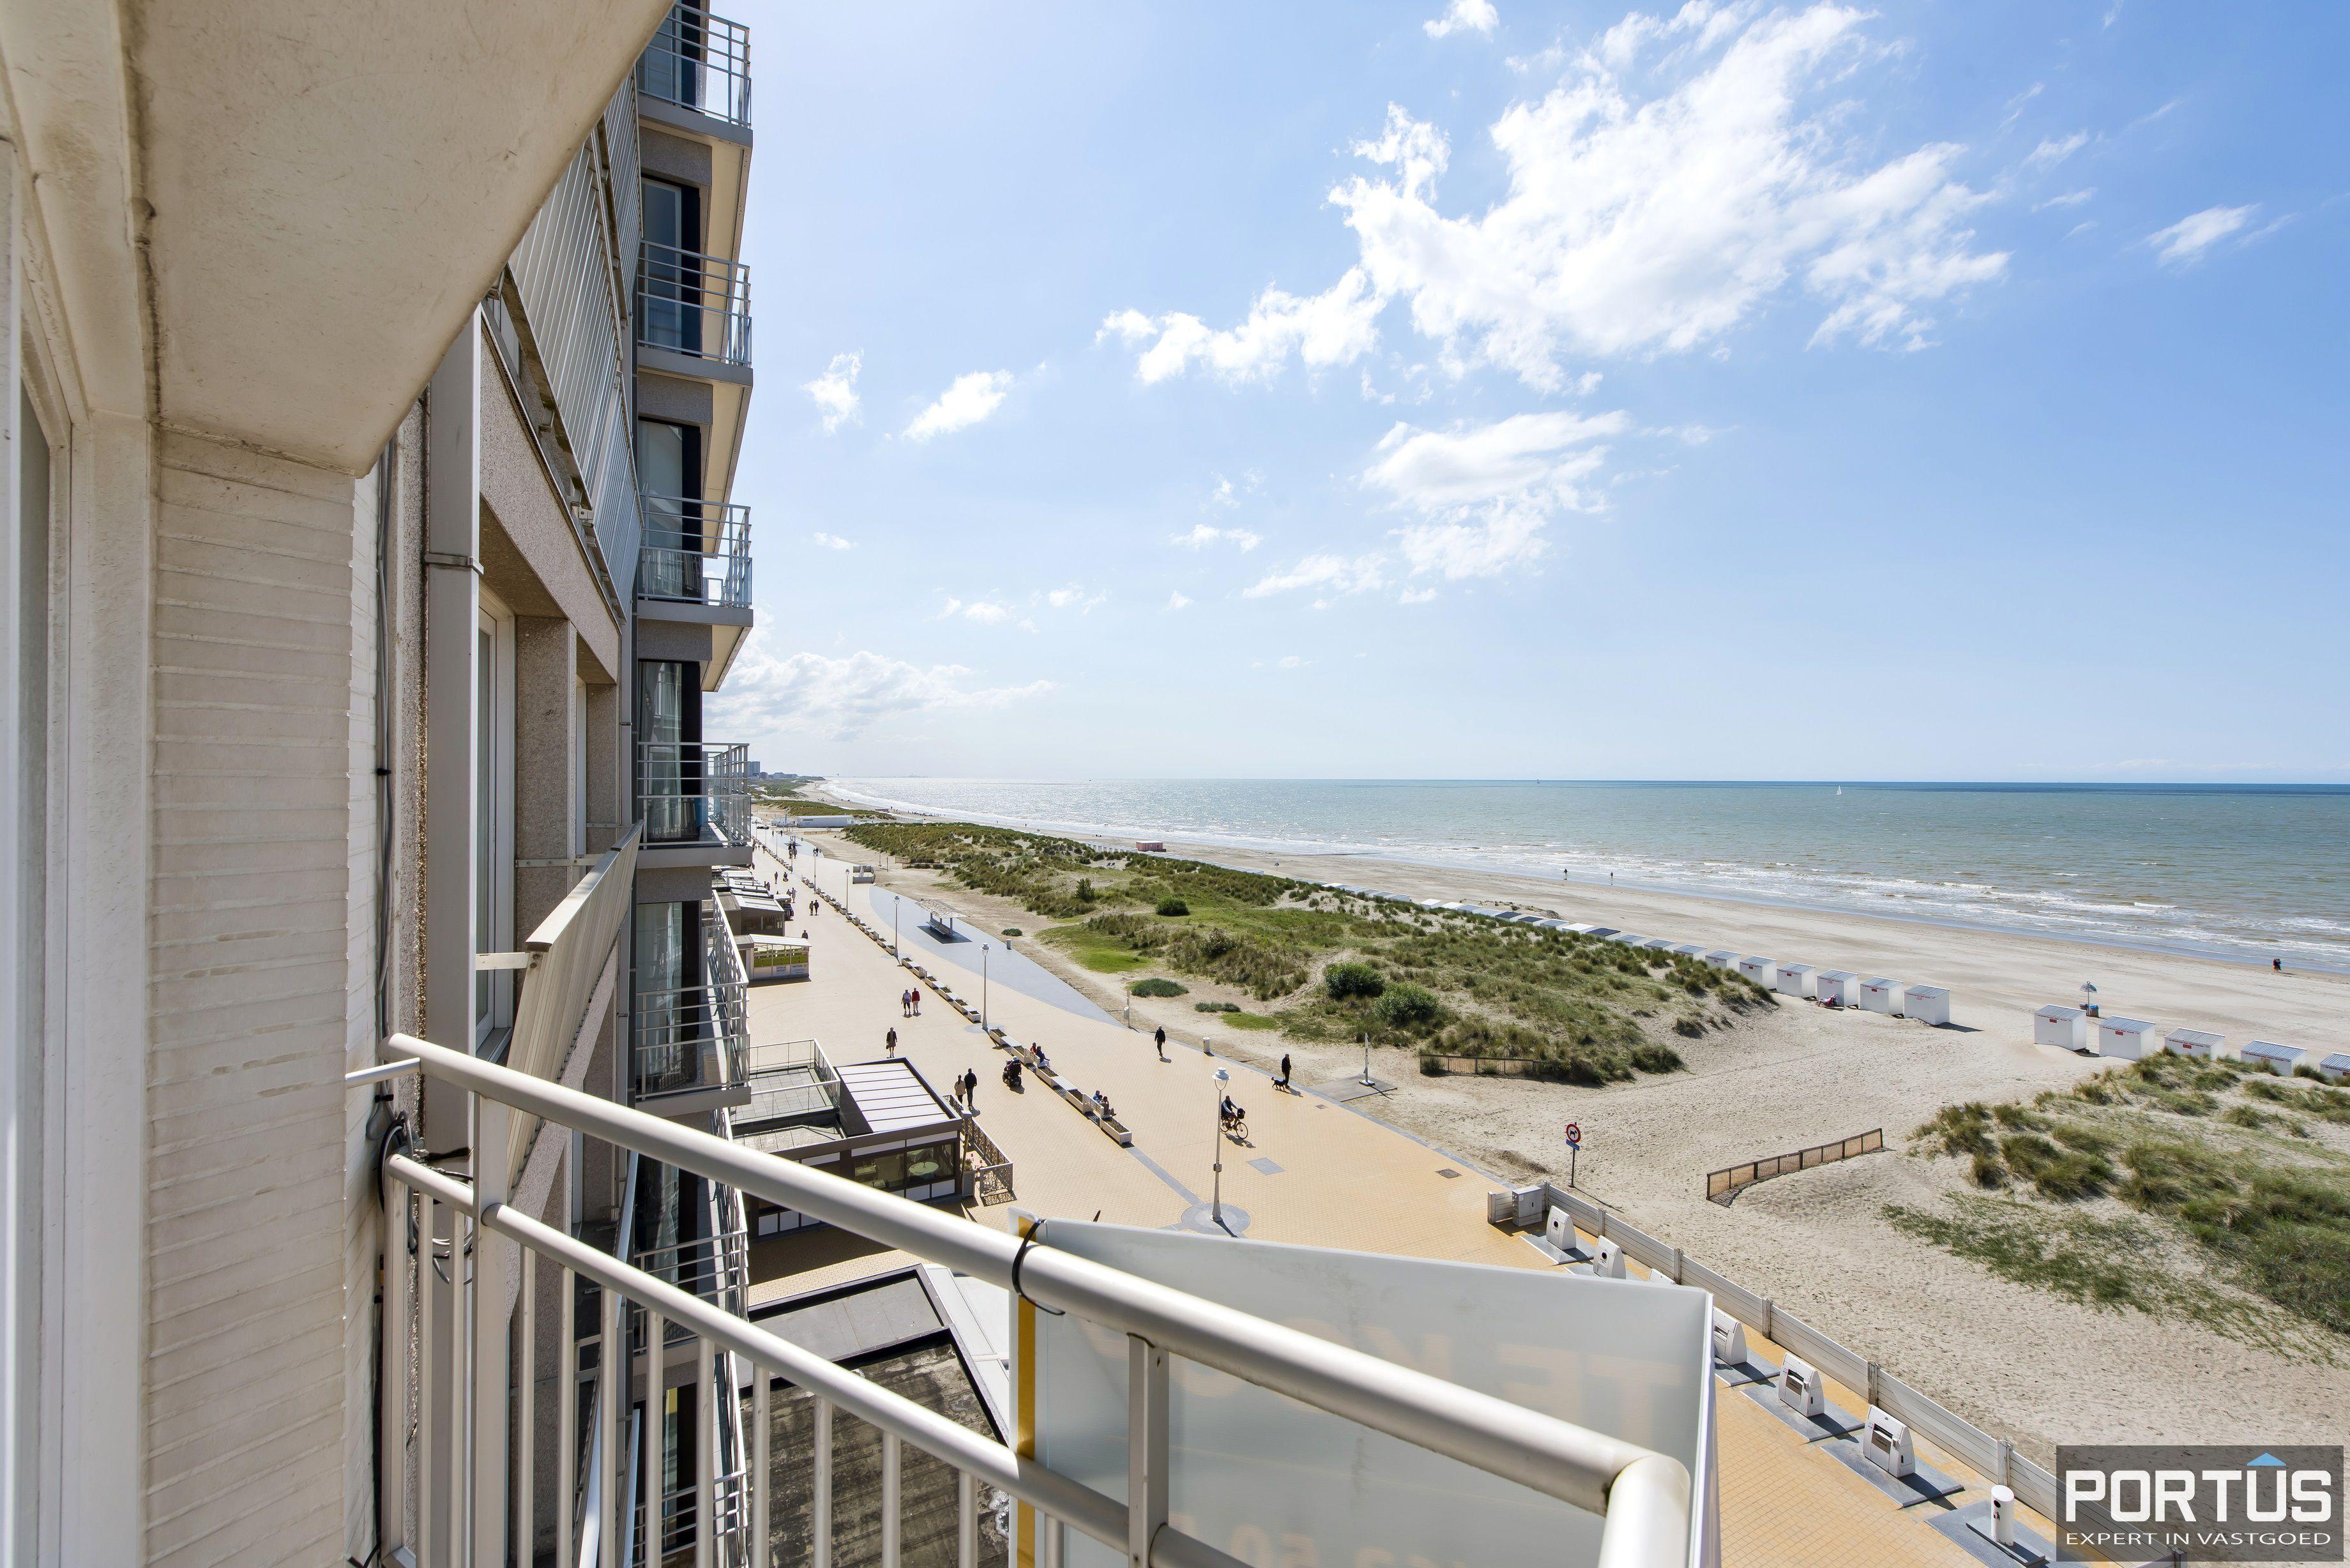 Appartement met 2 slaapkamers en frontaal zeezicht te koop Nieuwpoort - 9781